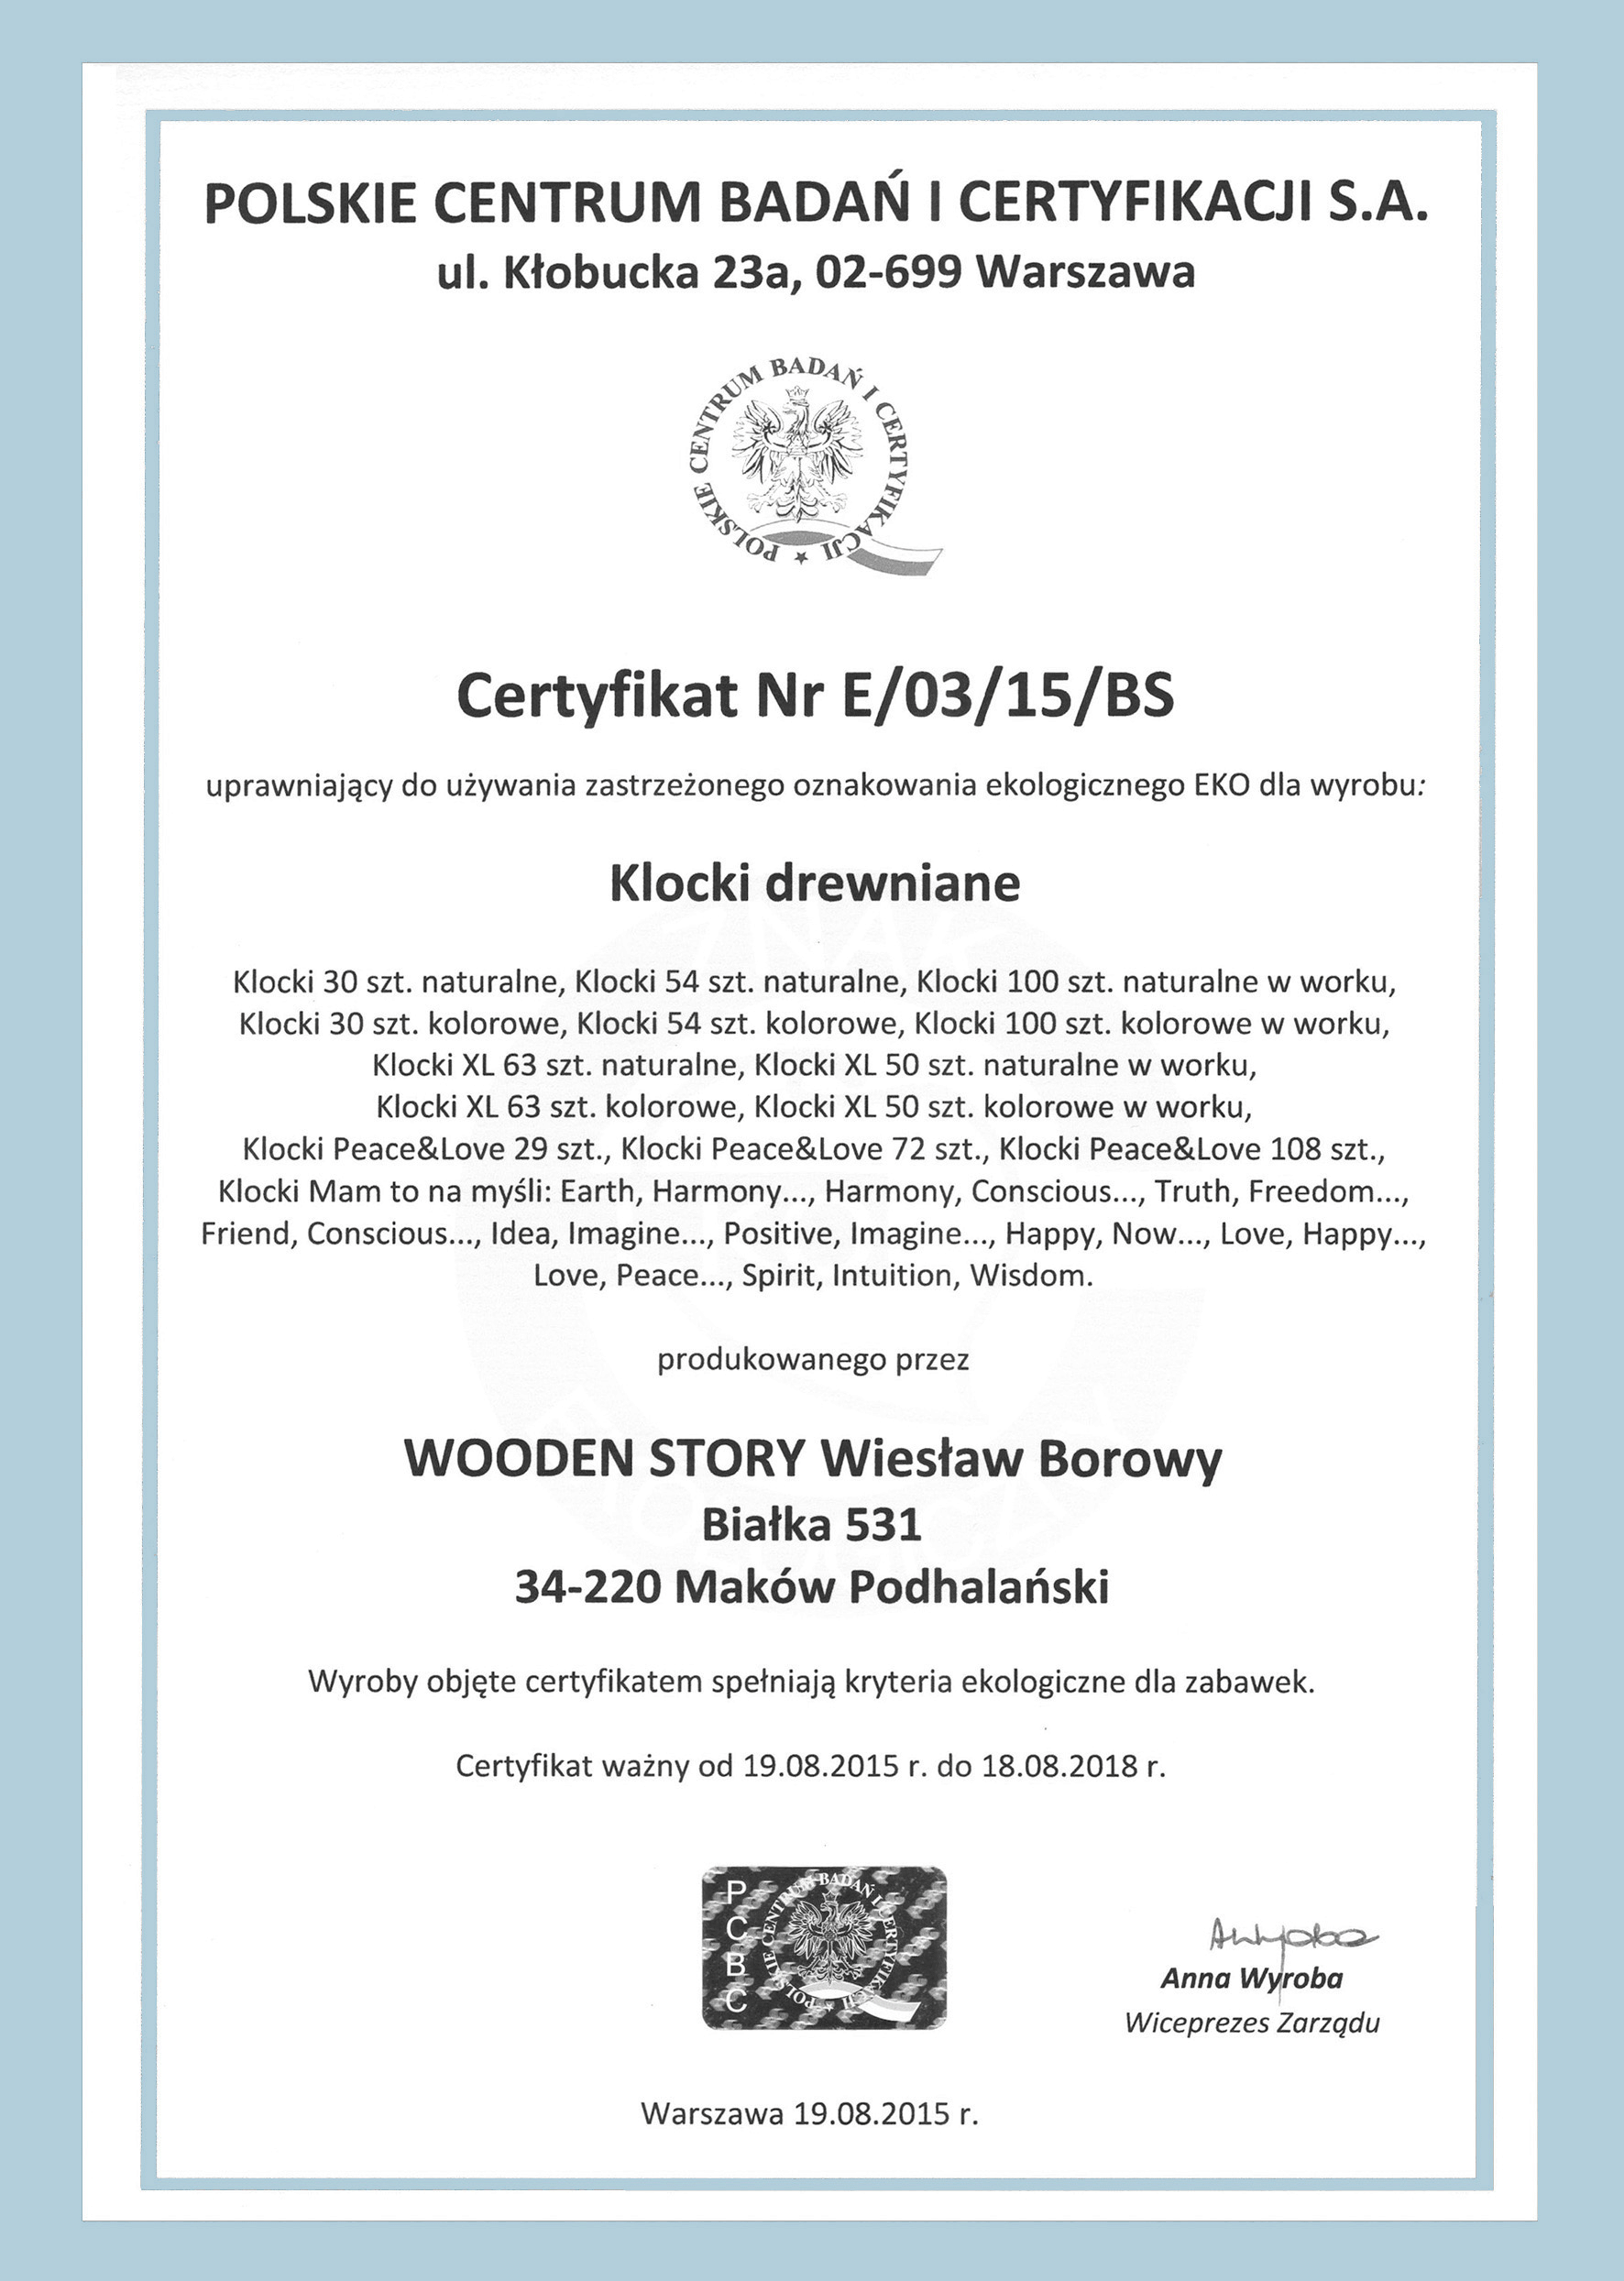 certyfikat_gray2_s.png